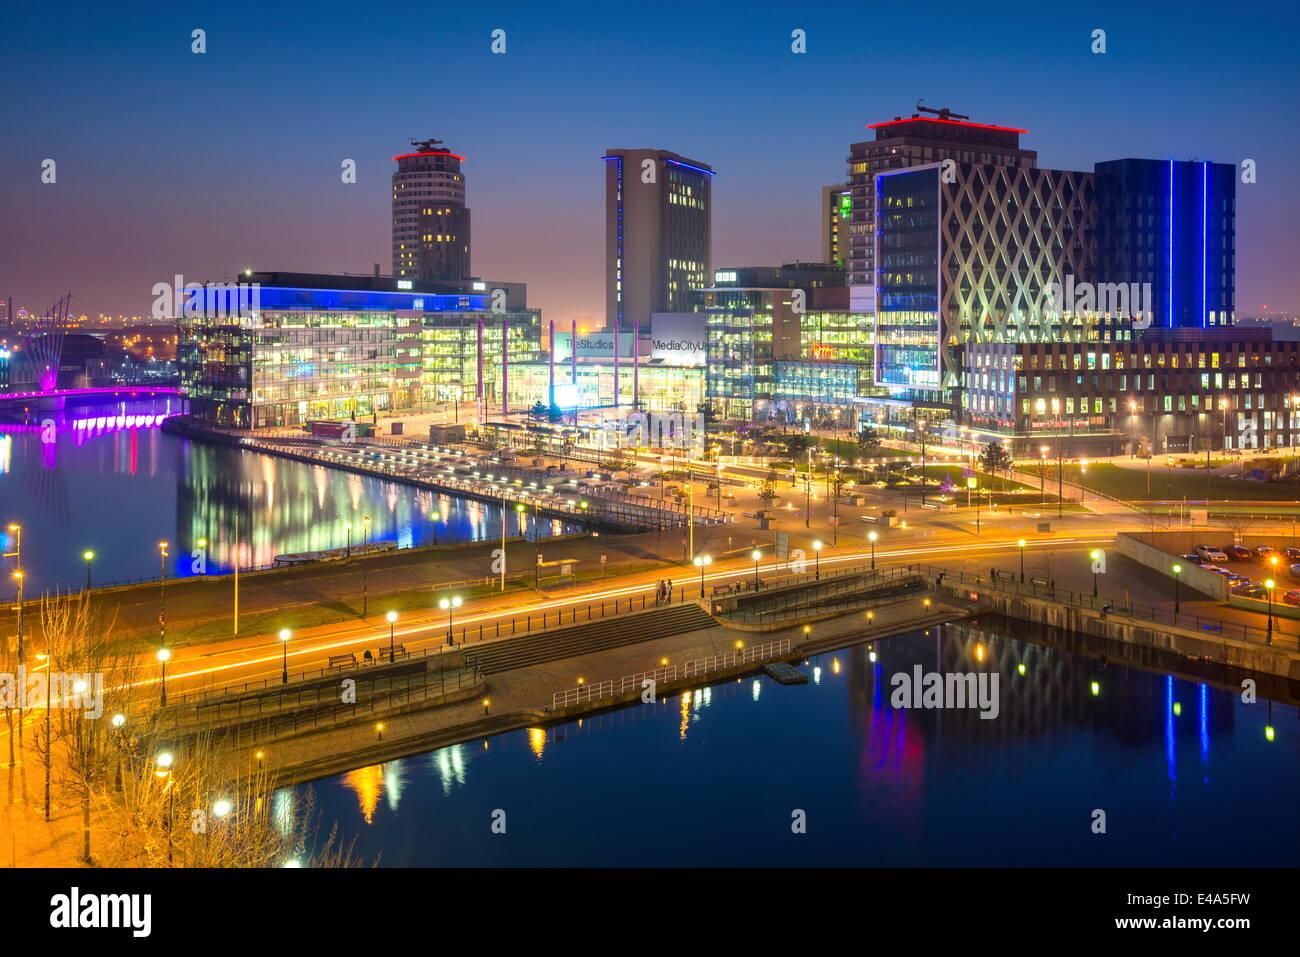 Erhöhten Blick auf die moderne MediaCity UK Komplex in Salford Quays in Manchester, England, Vereinigtes Königreich, Stockbild